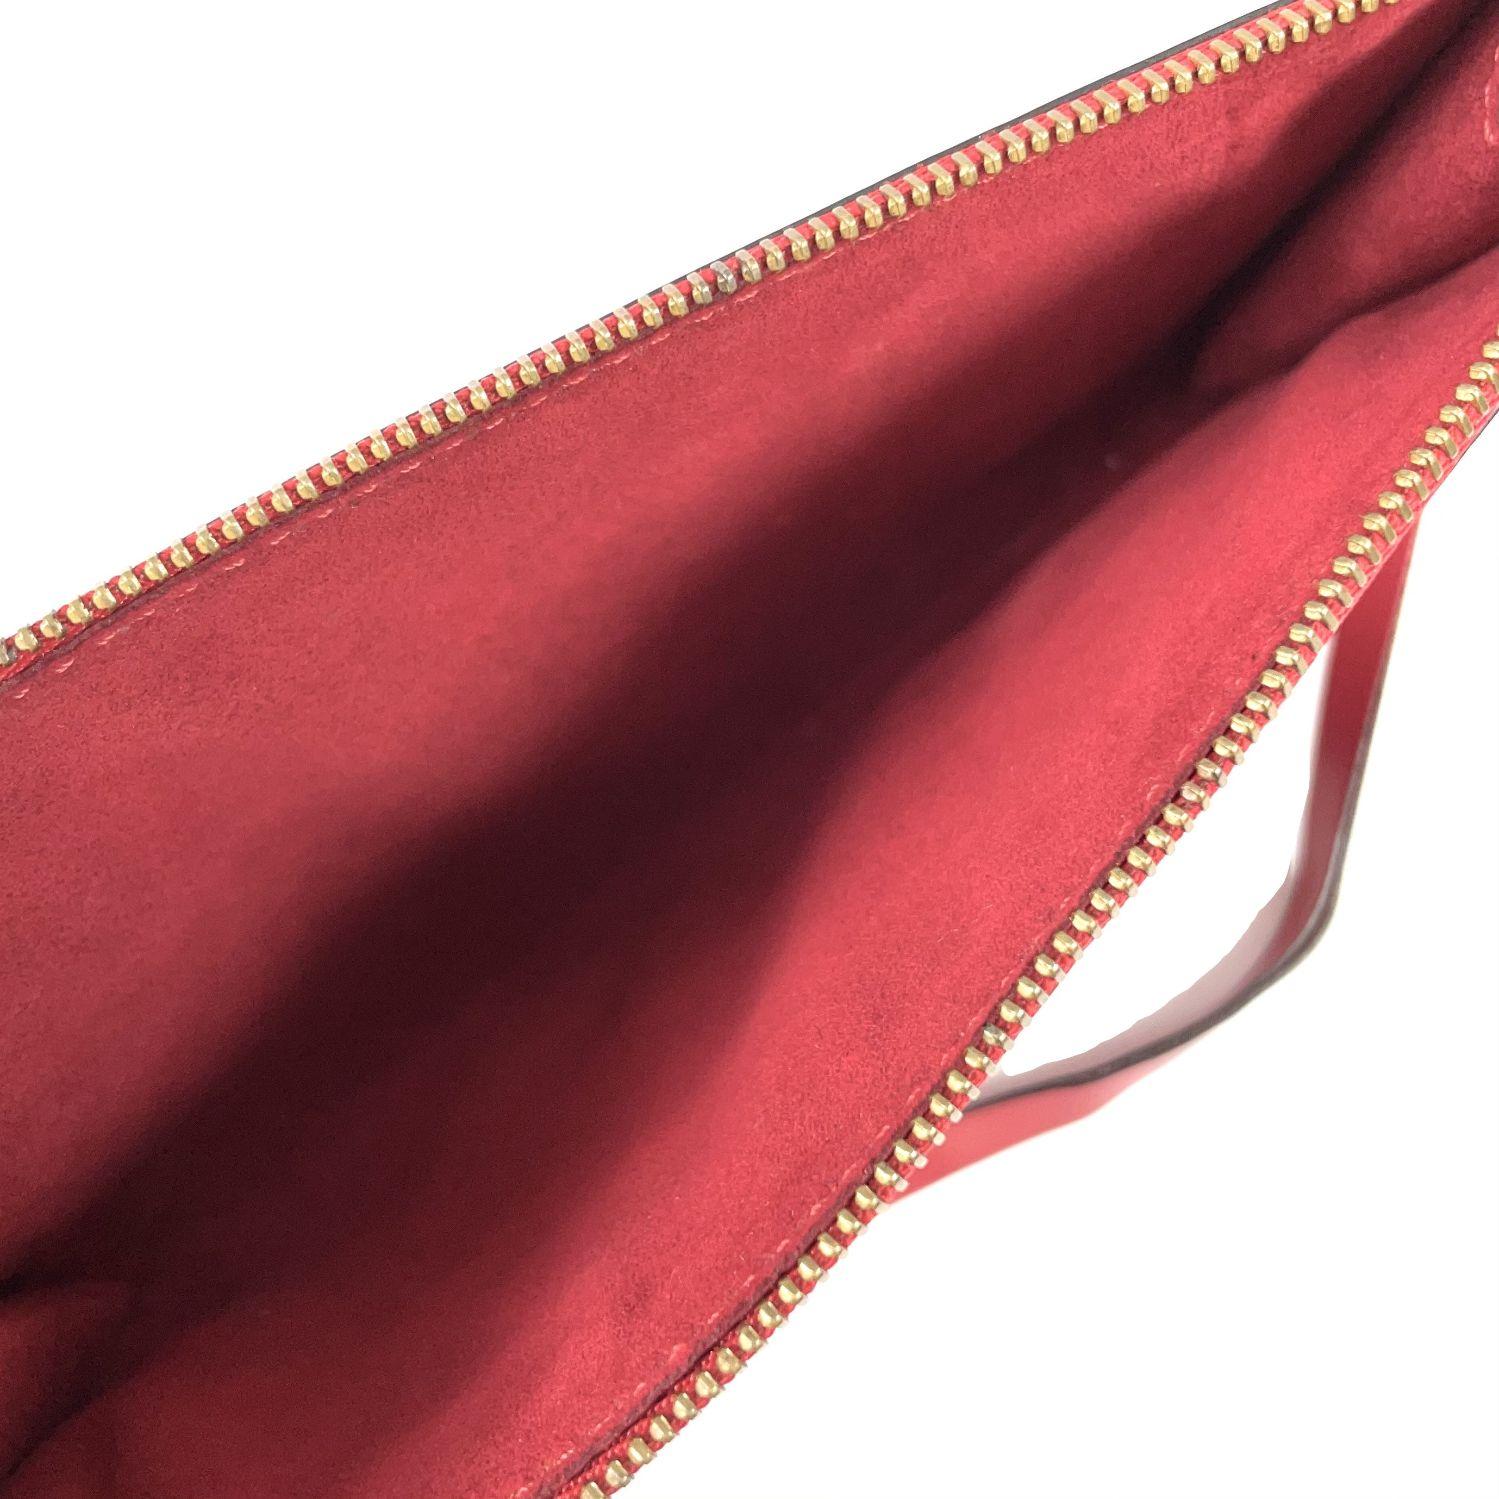 Bolsa Louis Vuitton Pochette Epi